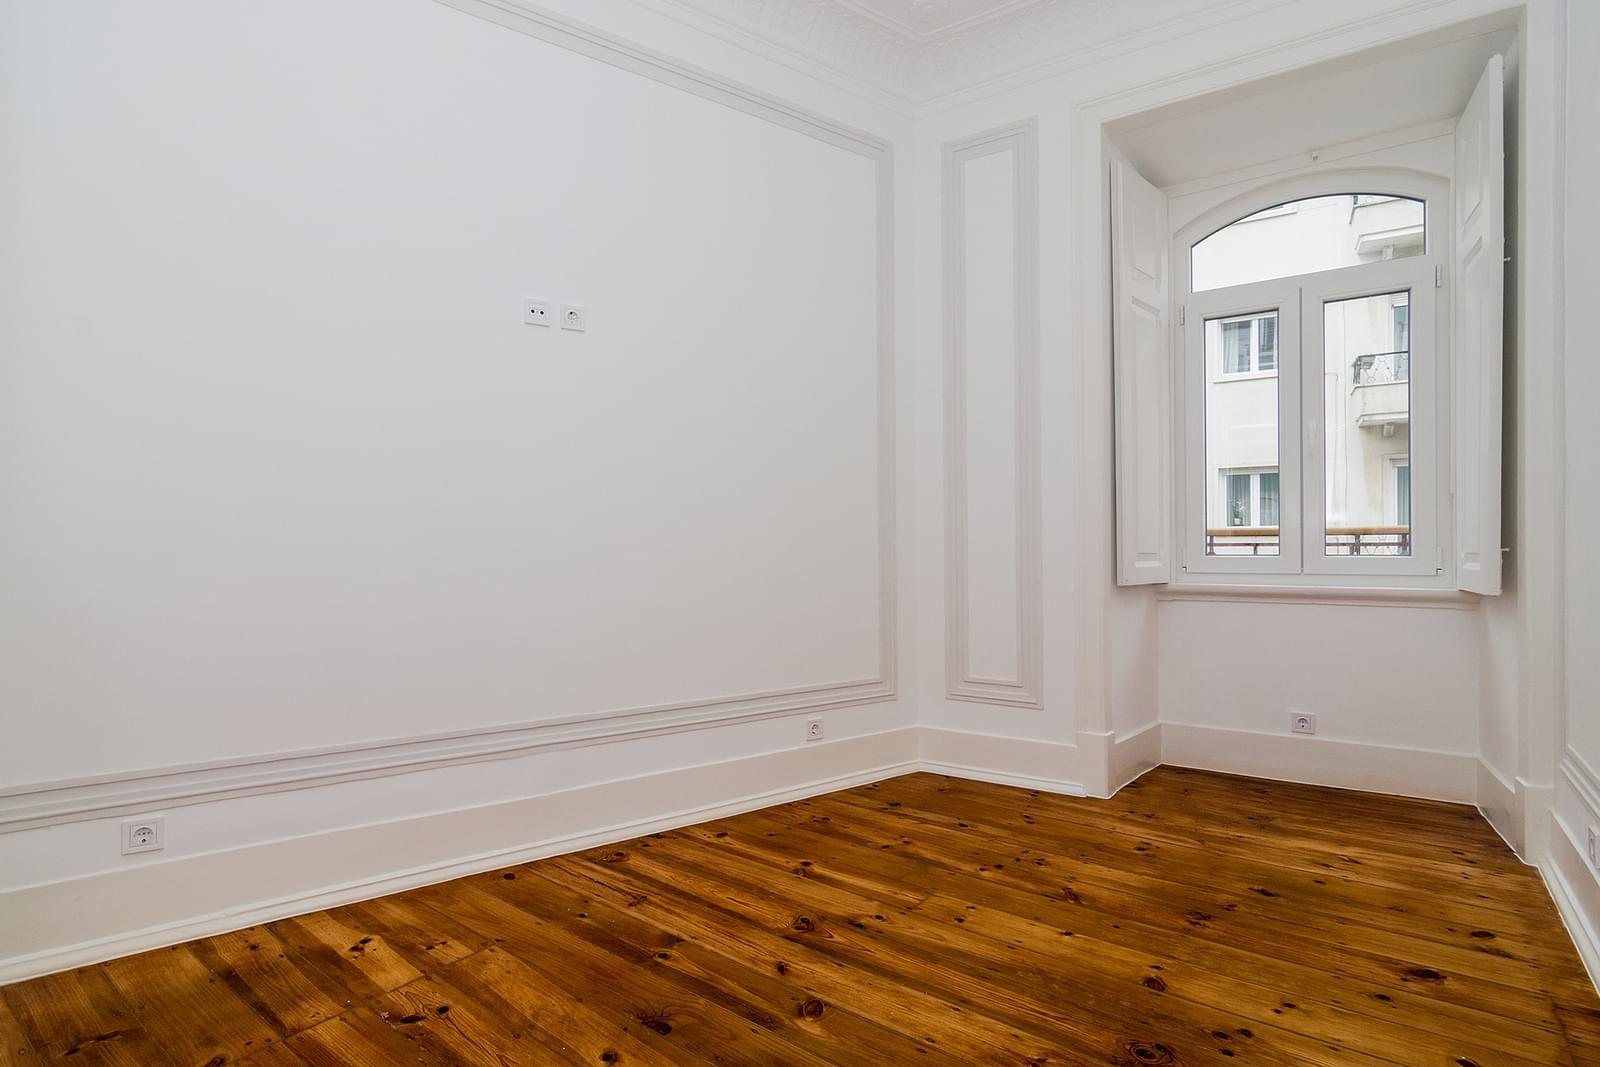 pf17267-apartamento-t3-lisboa-ff3eb230-01ed-485b-bcaa-4e67b001fd51